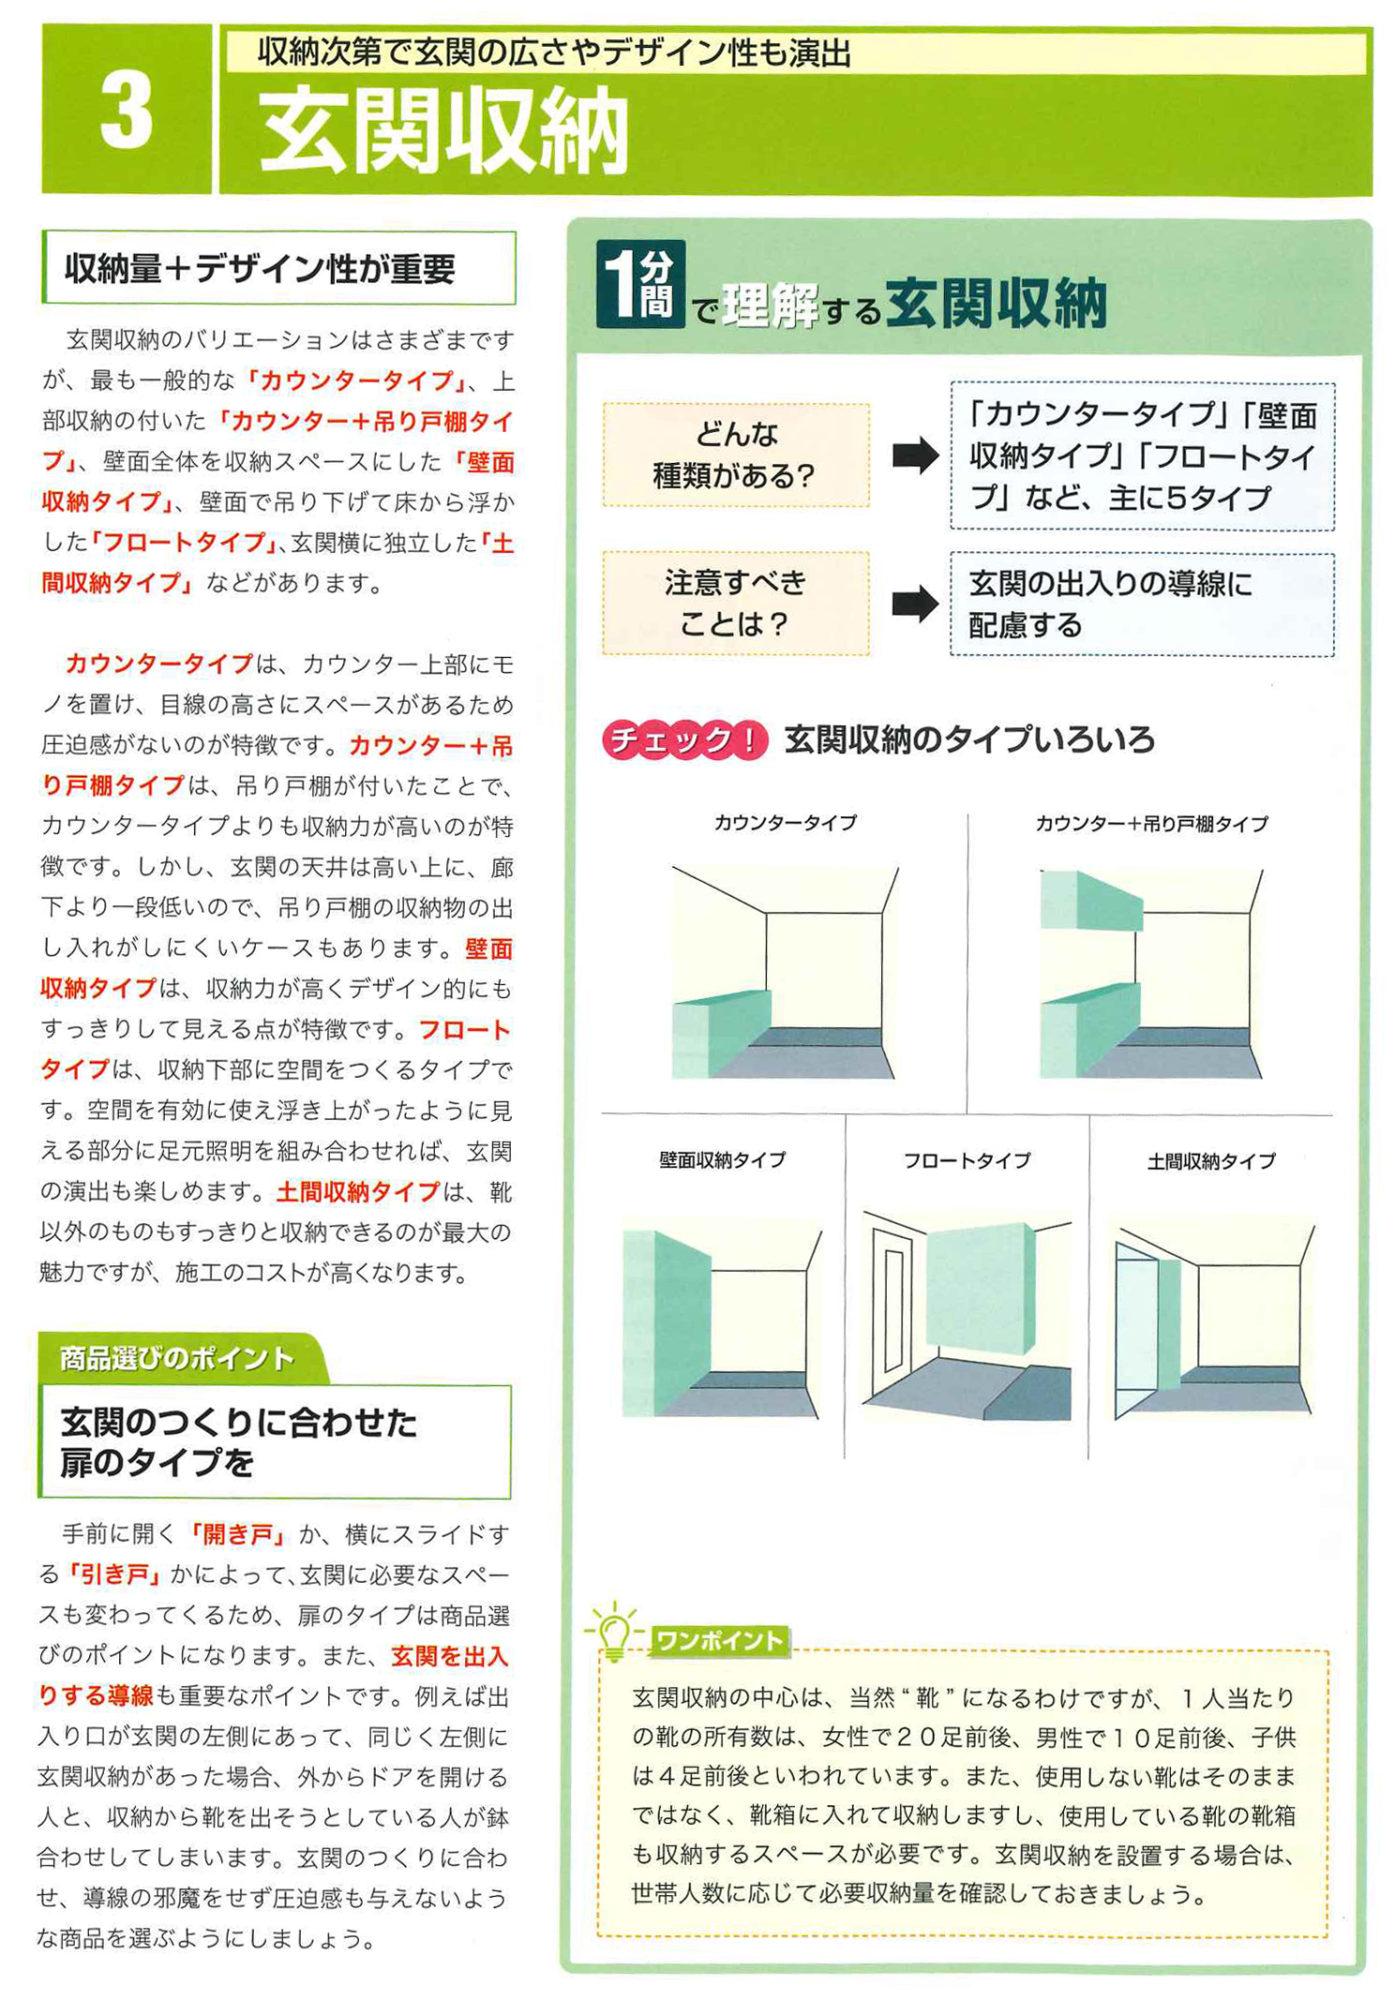 「広さやデザインを演出できる玄関収納」<BR><BR>広島 リフォーム工務店社長コラム